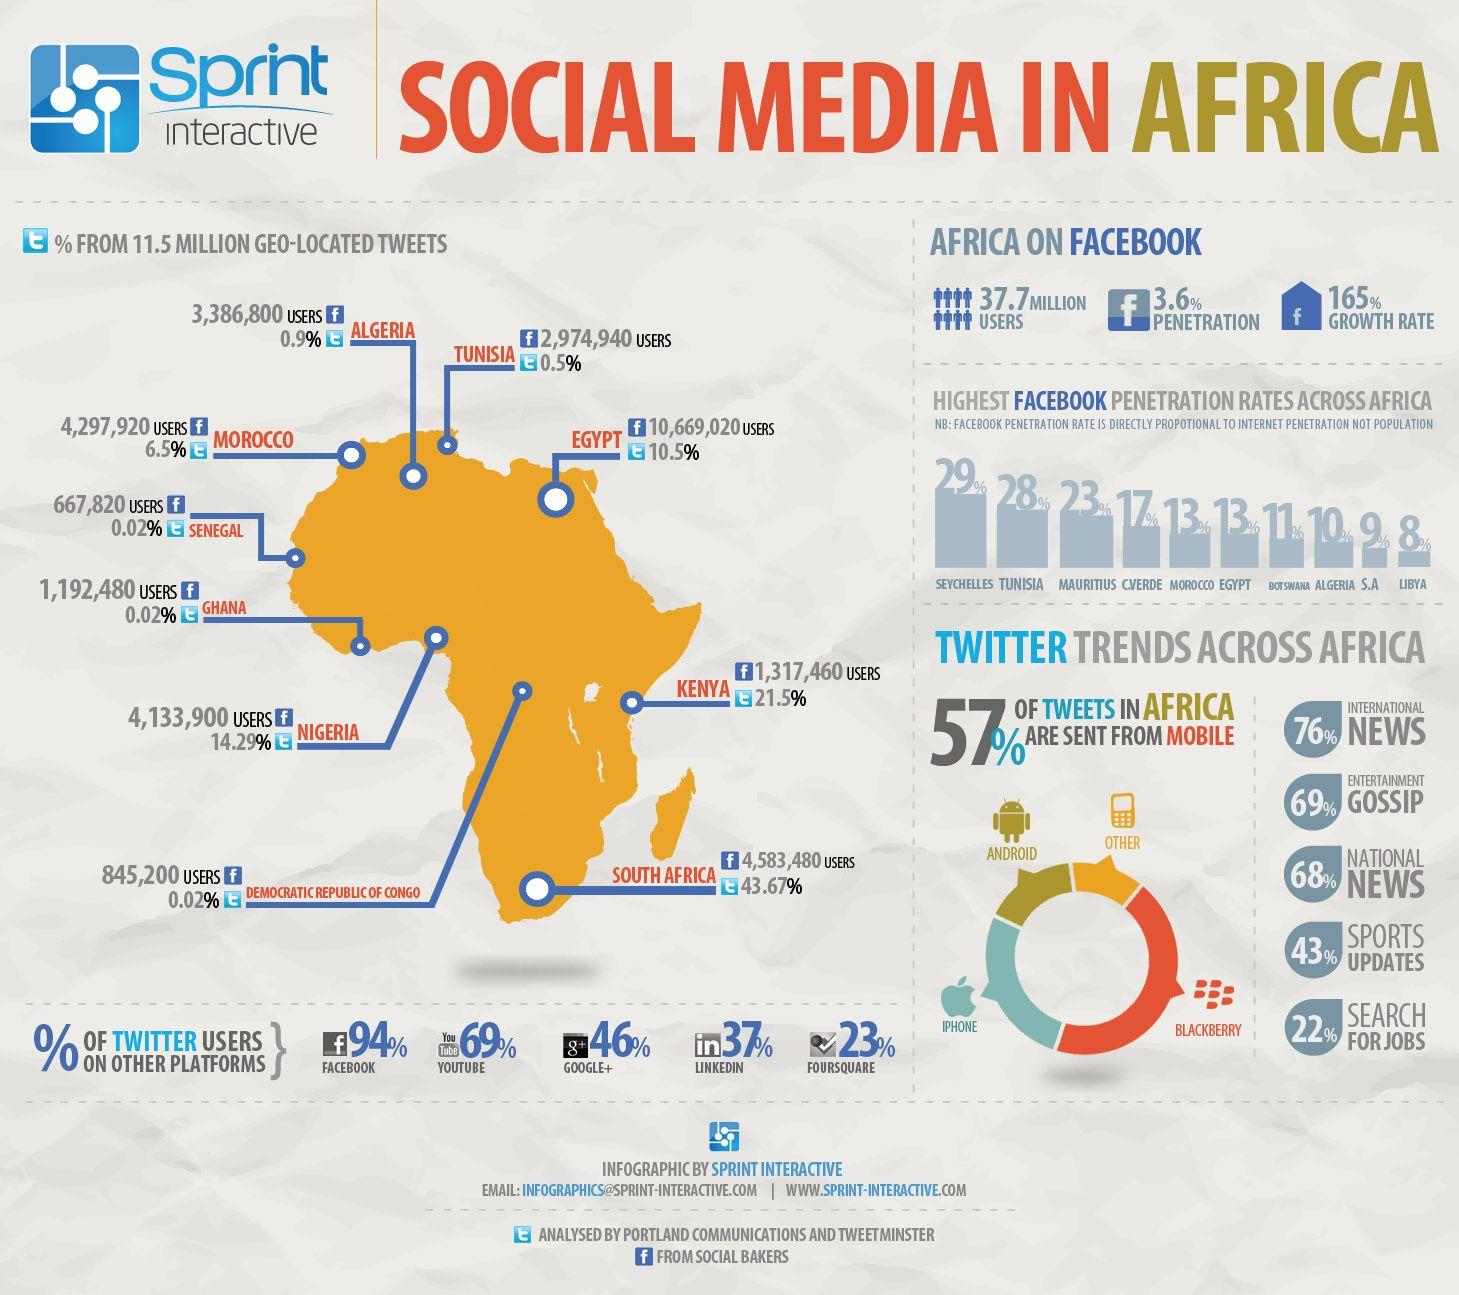 Social Media in Africa